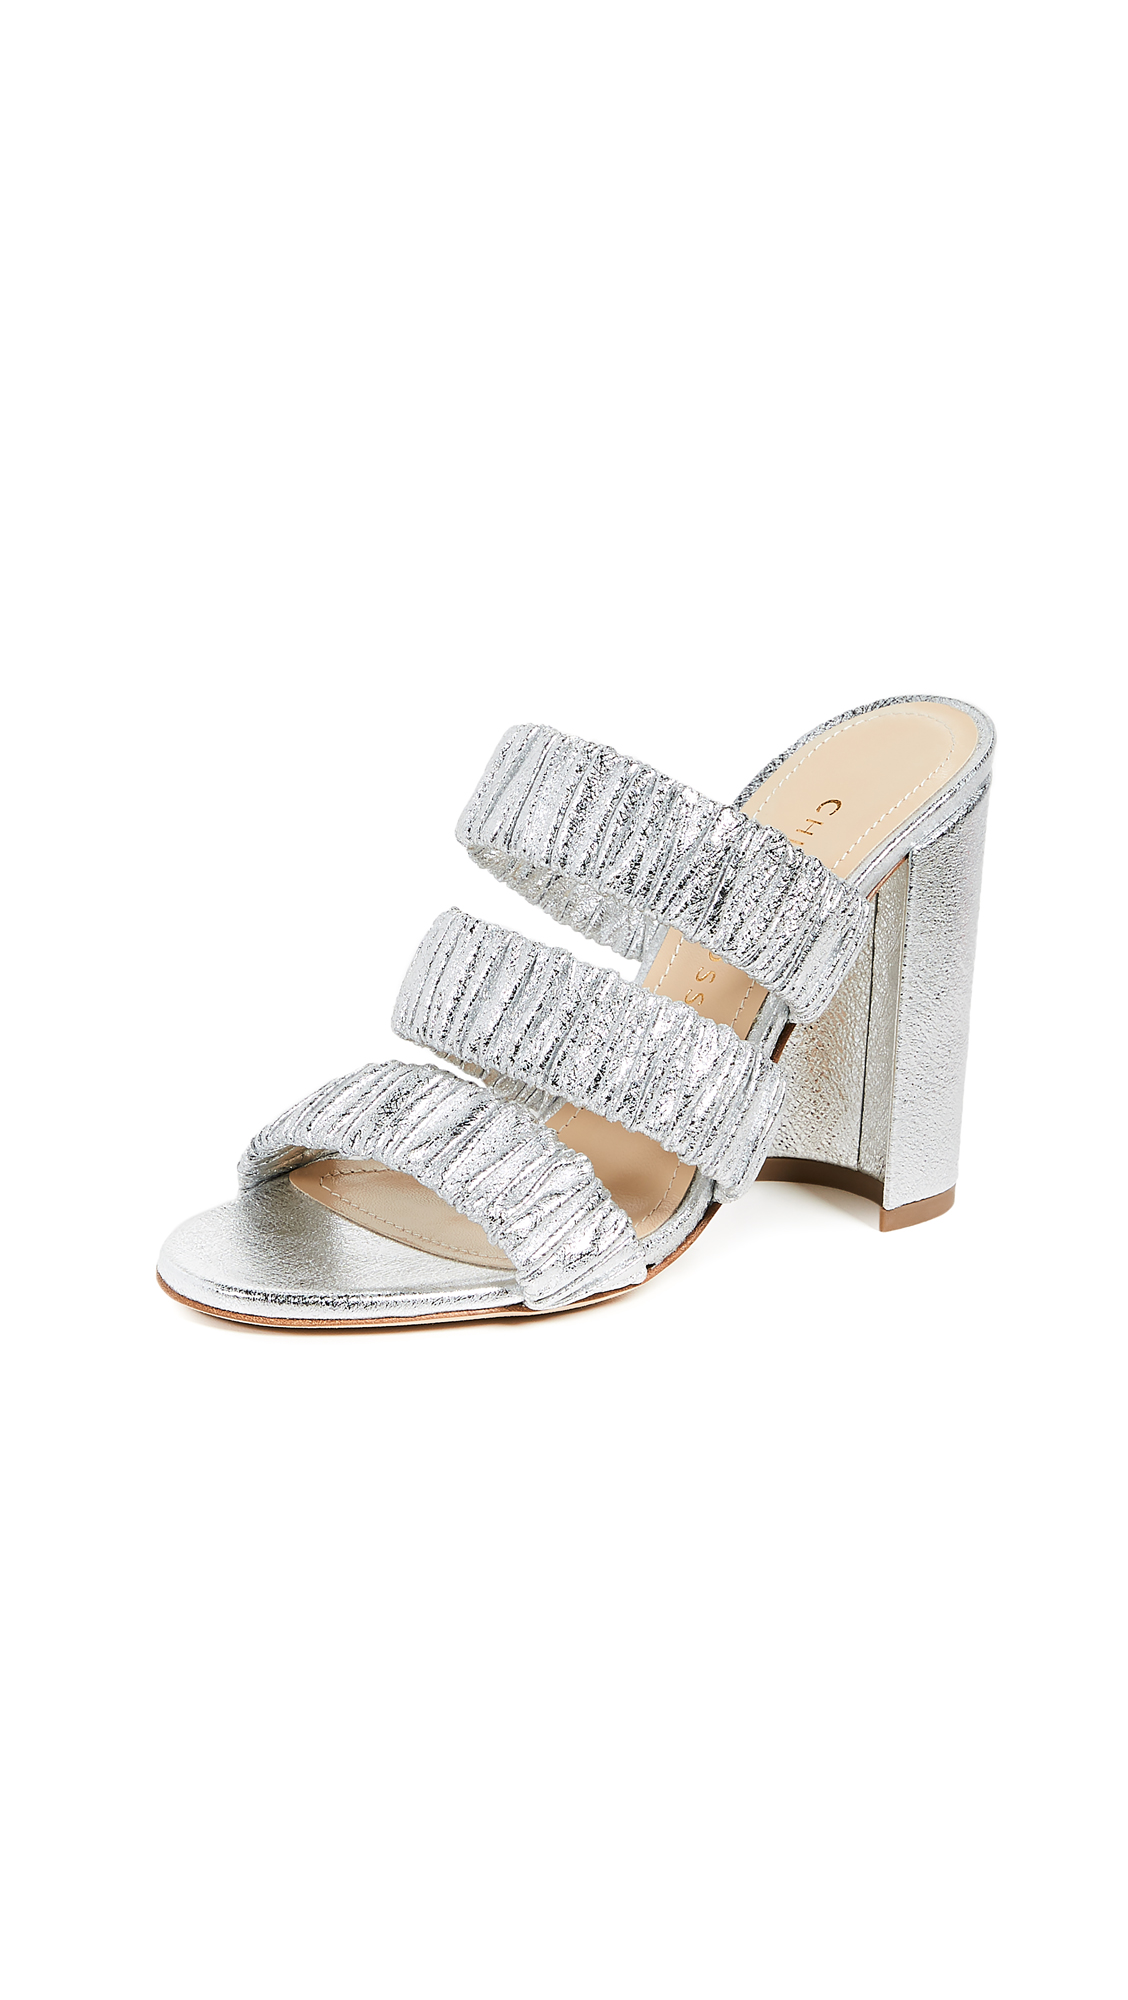 Chloe Gosselin Delphinium 100 Mules - Silver